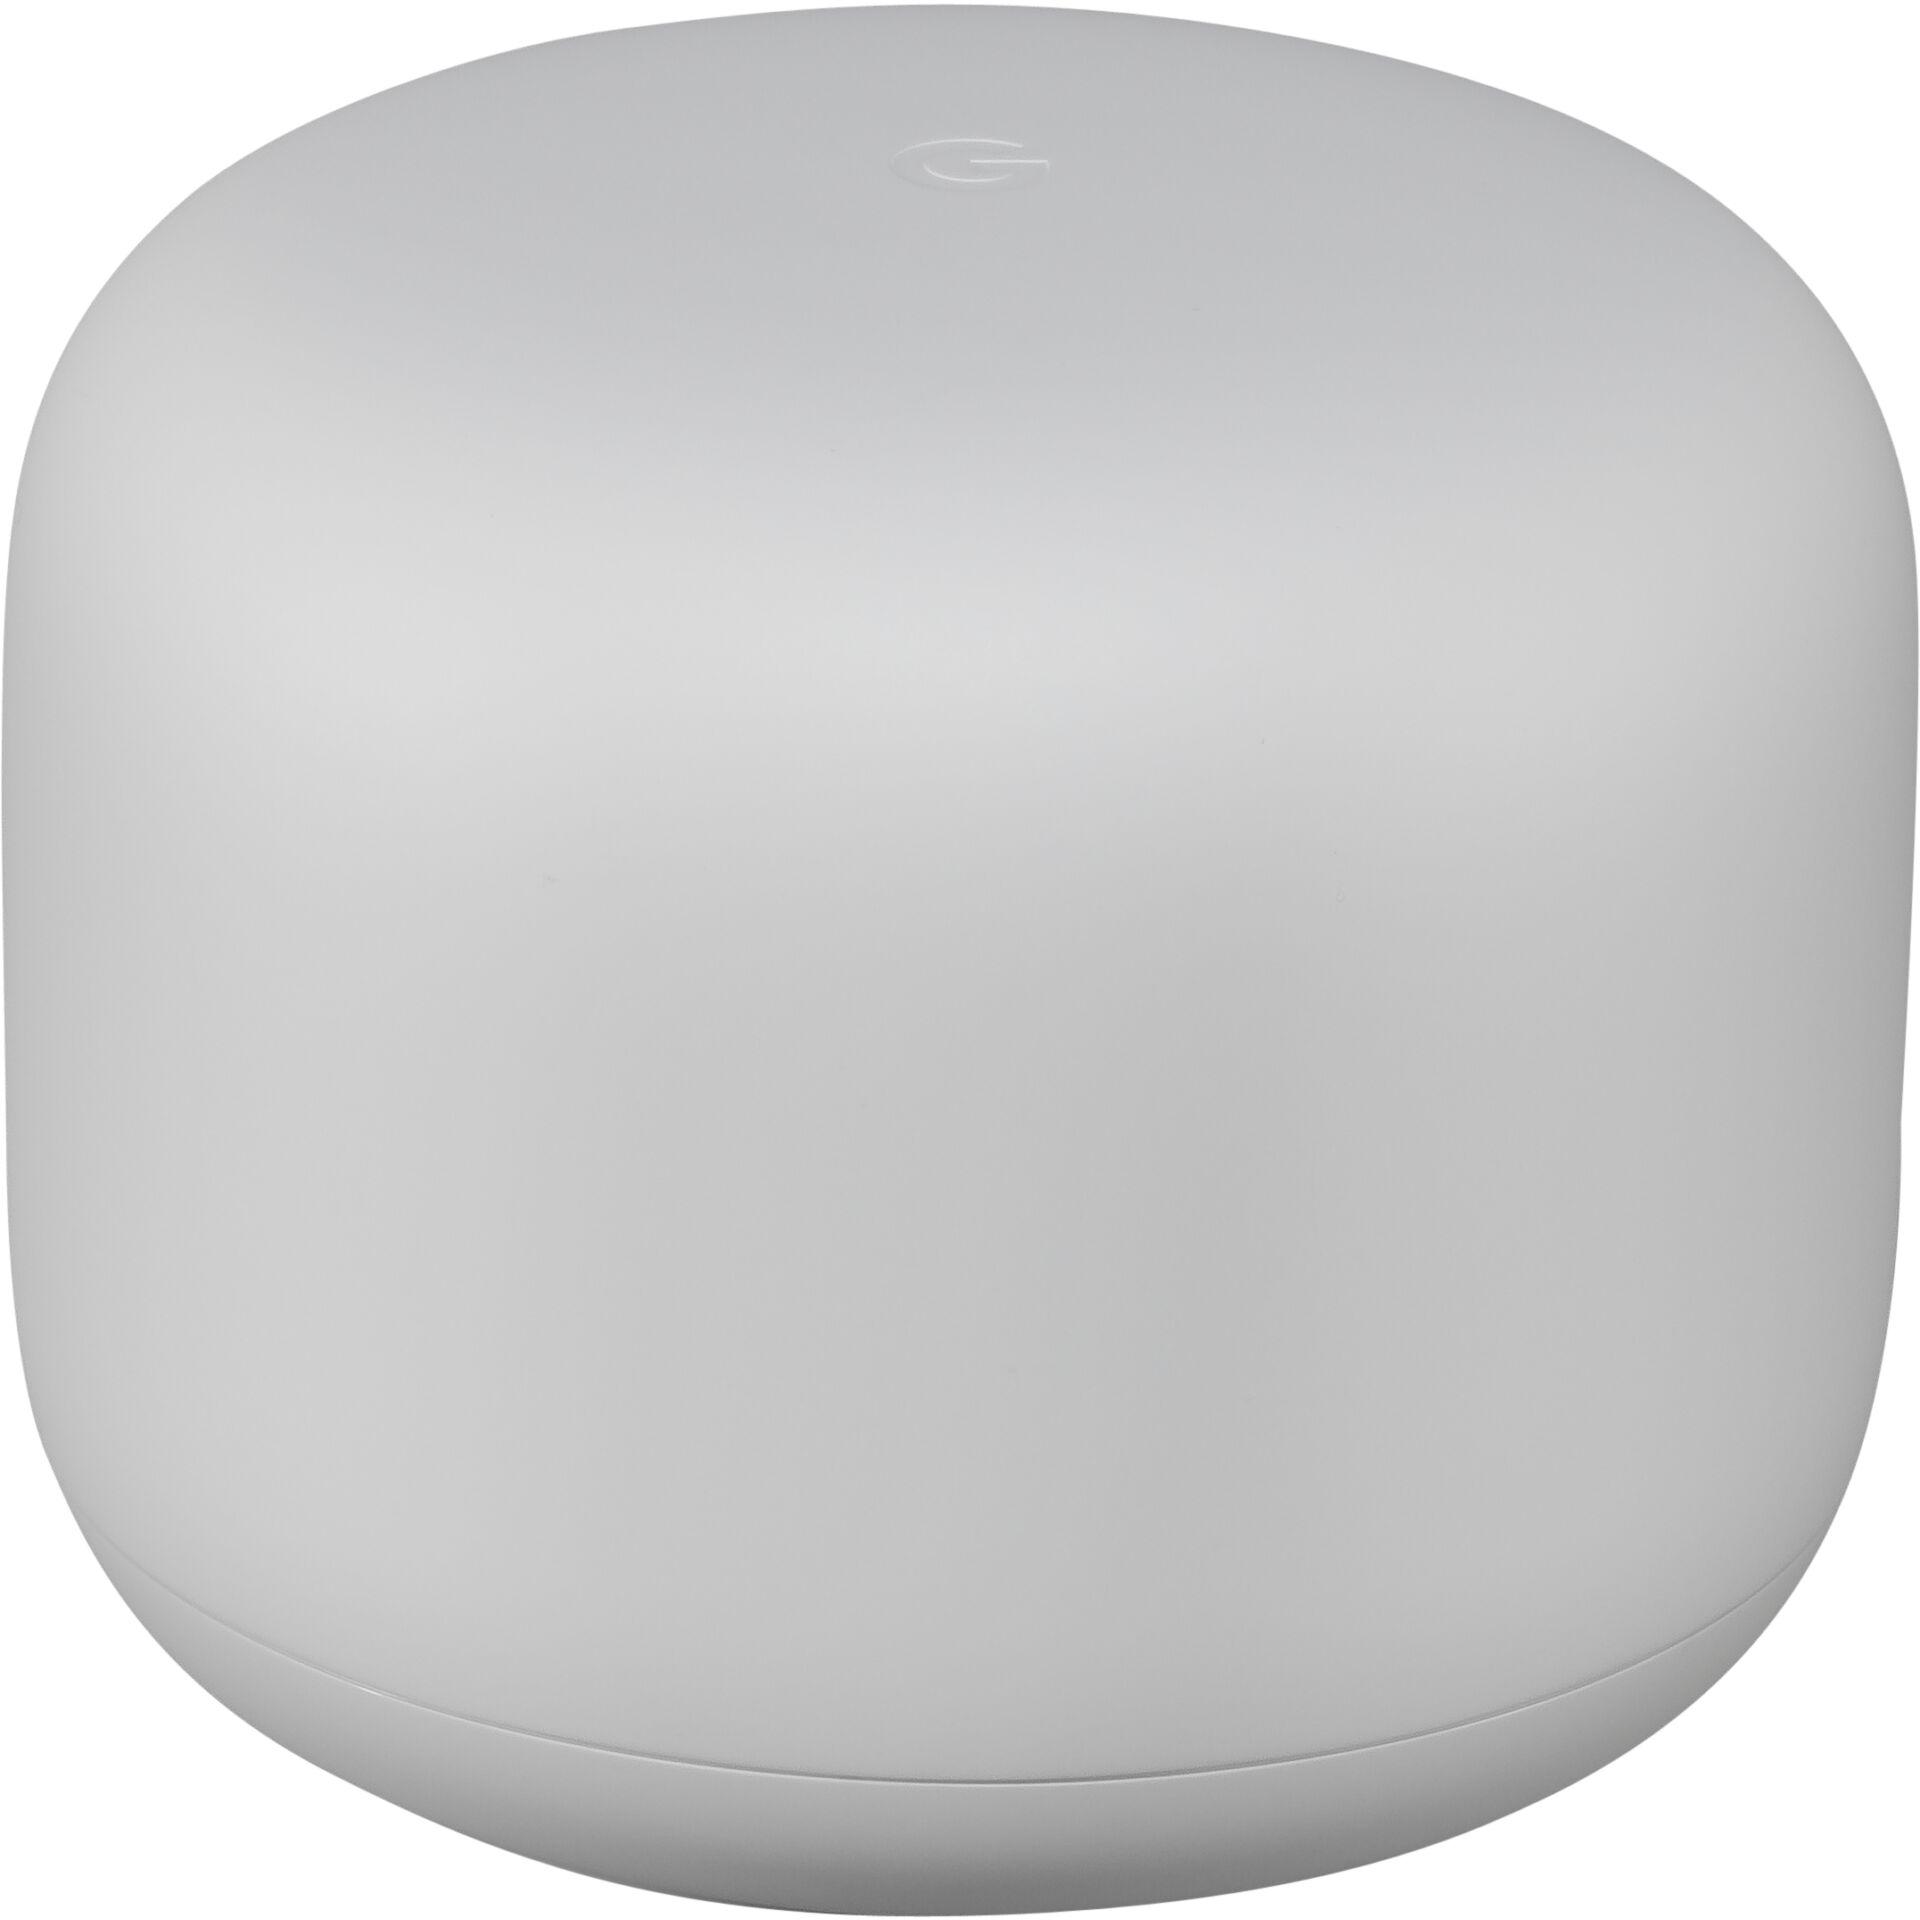 Google Home Nest Wifi weiß WLAN Mesh Router